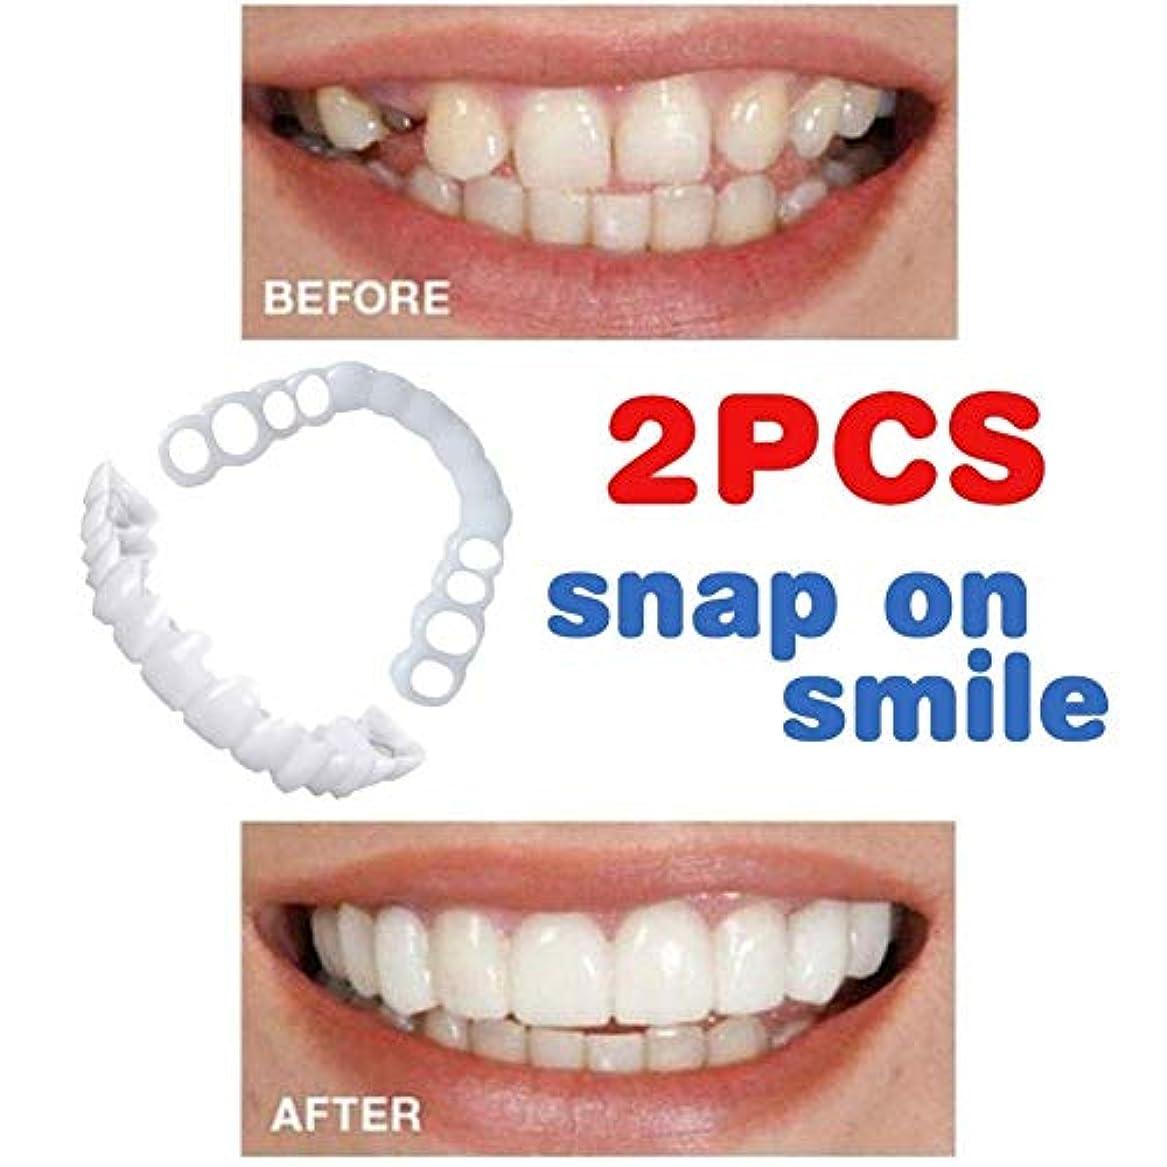 消費仲間、同僚失われた完璧な笑顔ホワイトニング義歯フィットフレックス化粧品歯快適なベニアカバーデンタルケアアクセサリーベニア化粧品ベニア